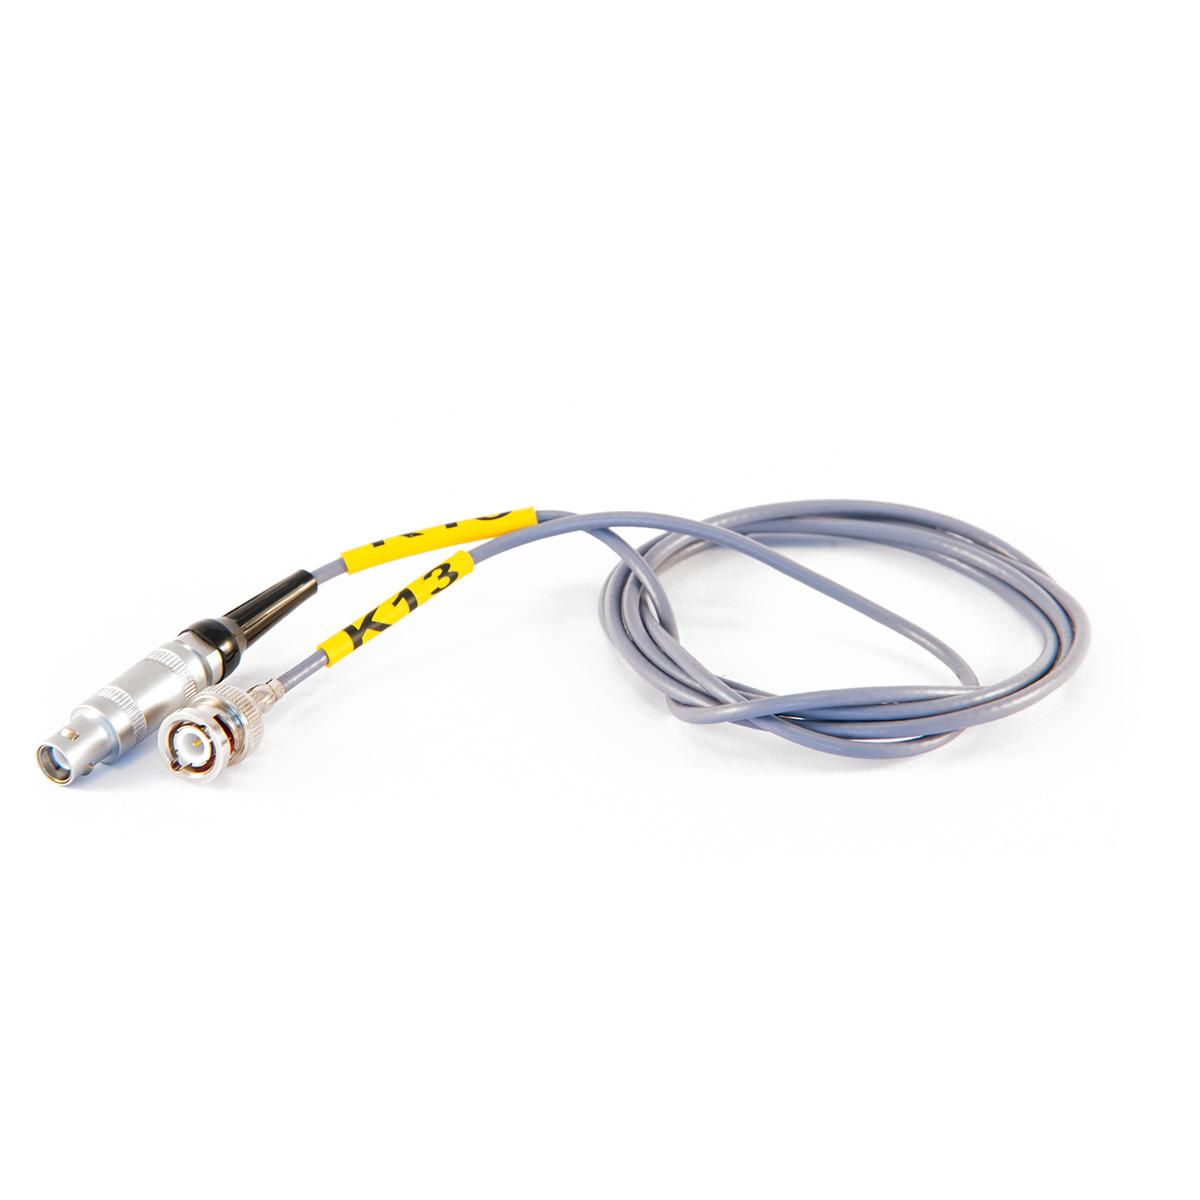 Cable Lemo 00